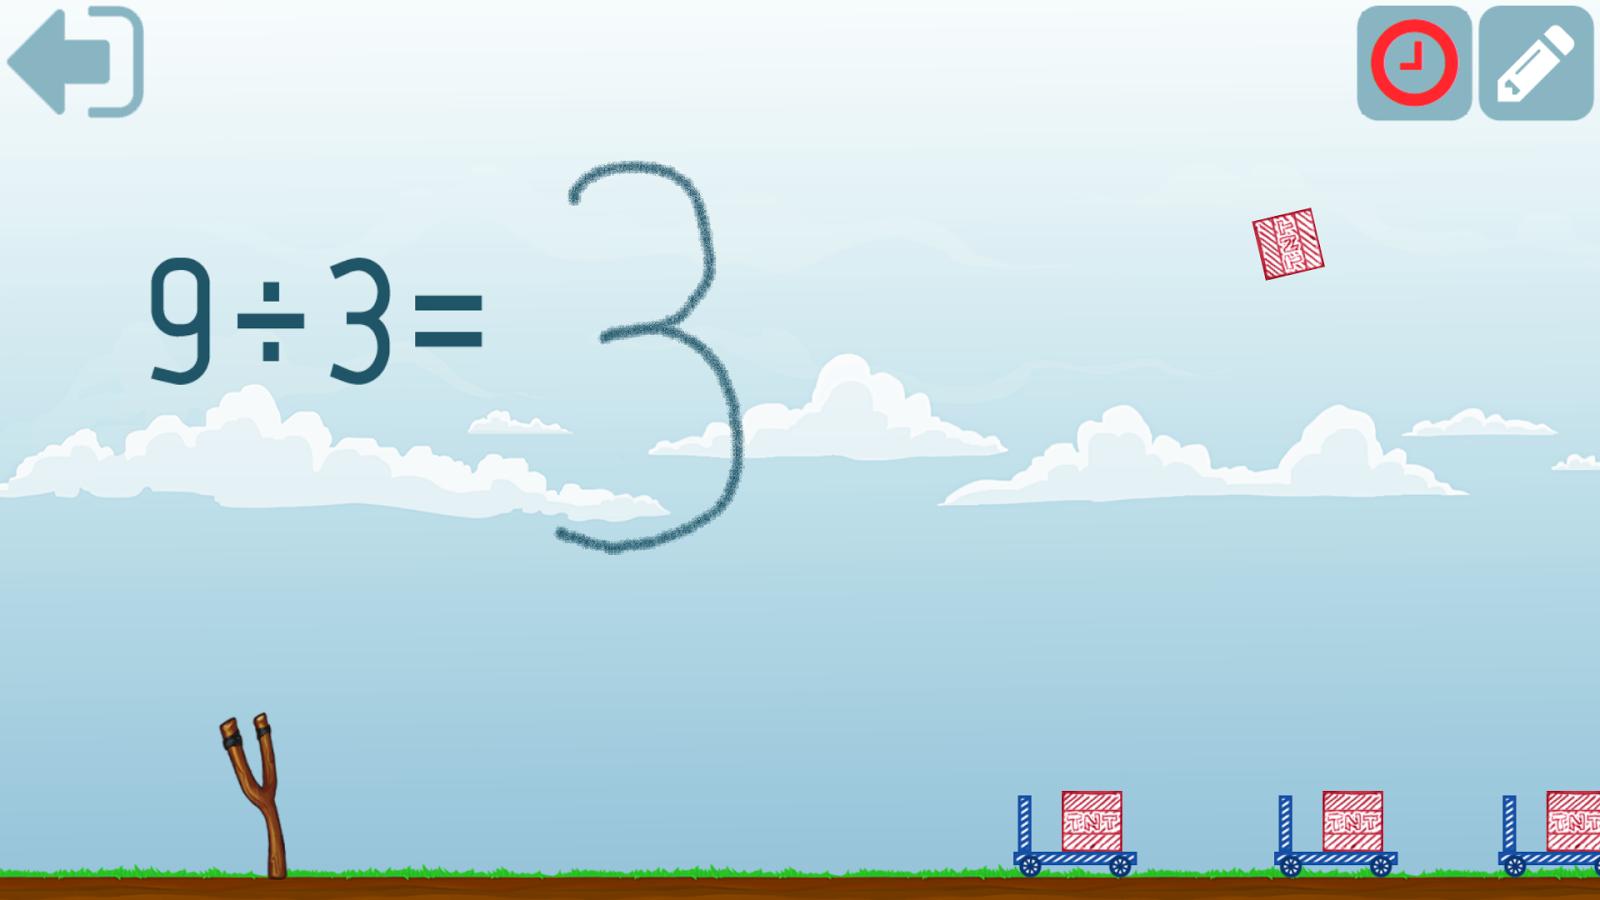 Dritte Klasse Mathematik - Abteilung android spiele download